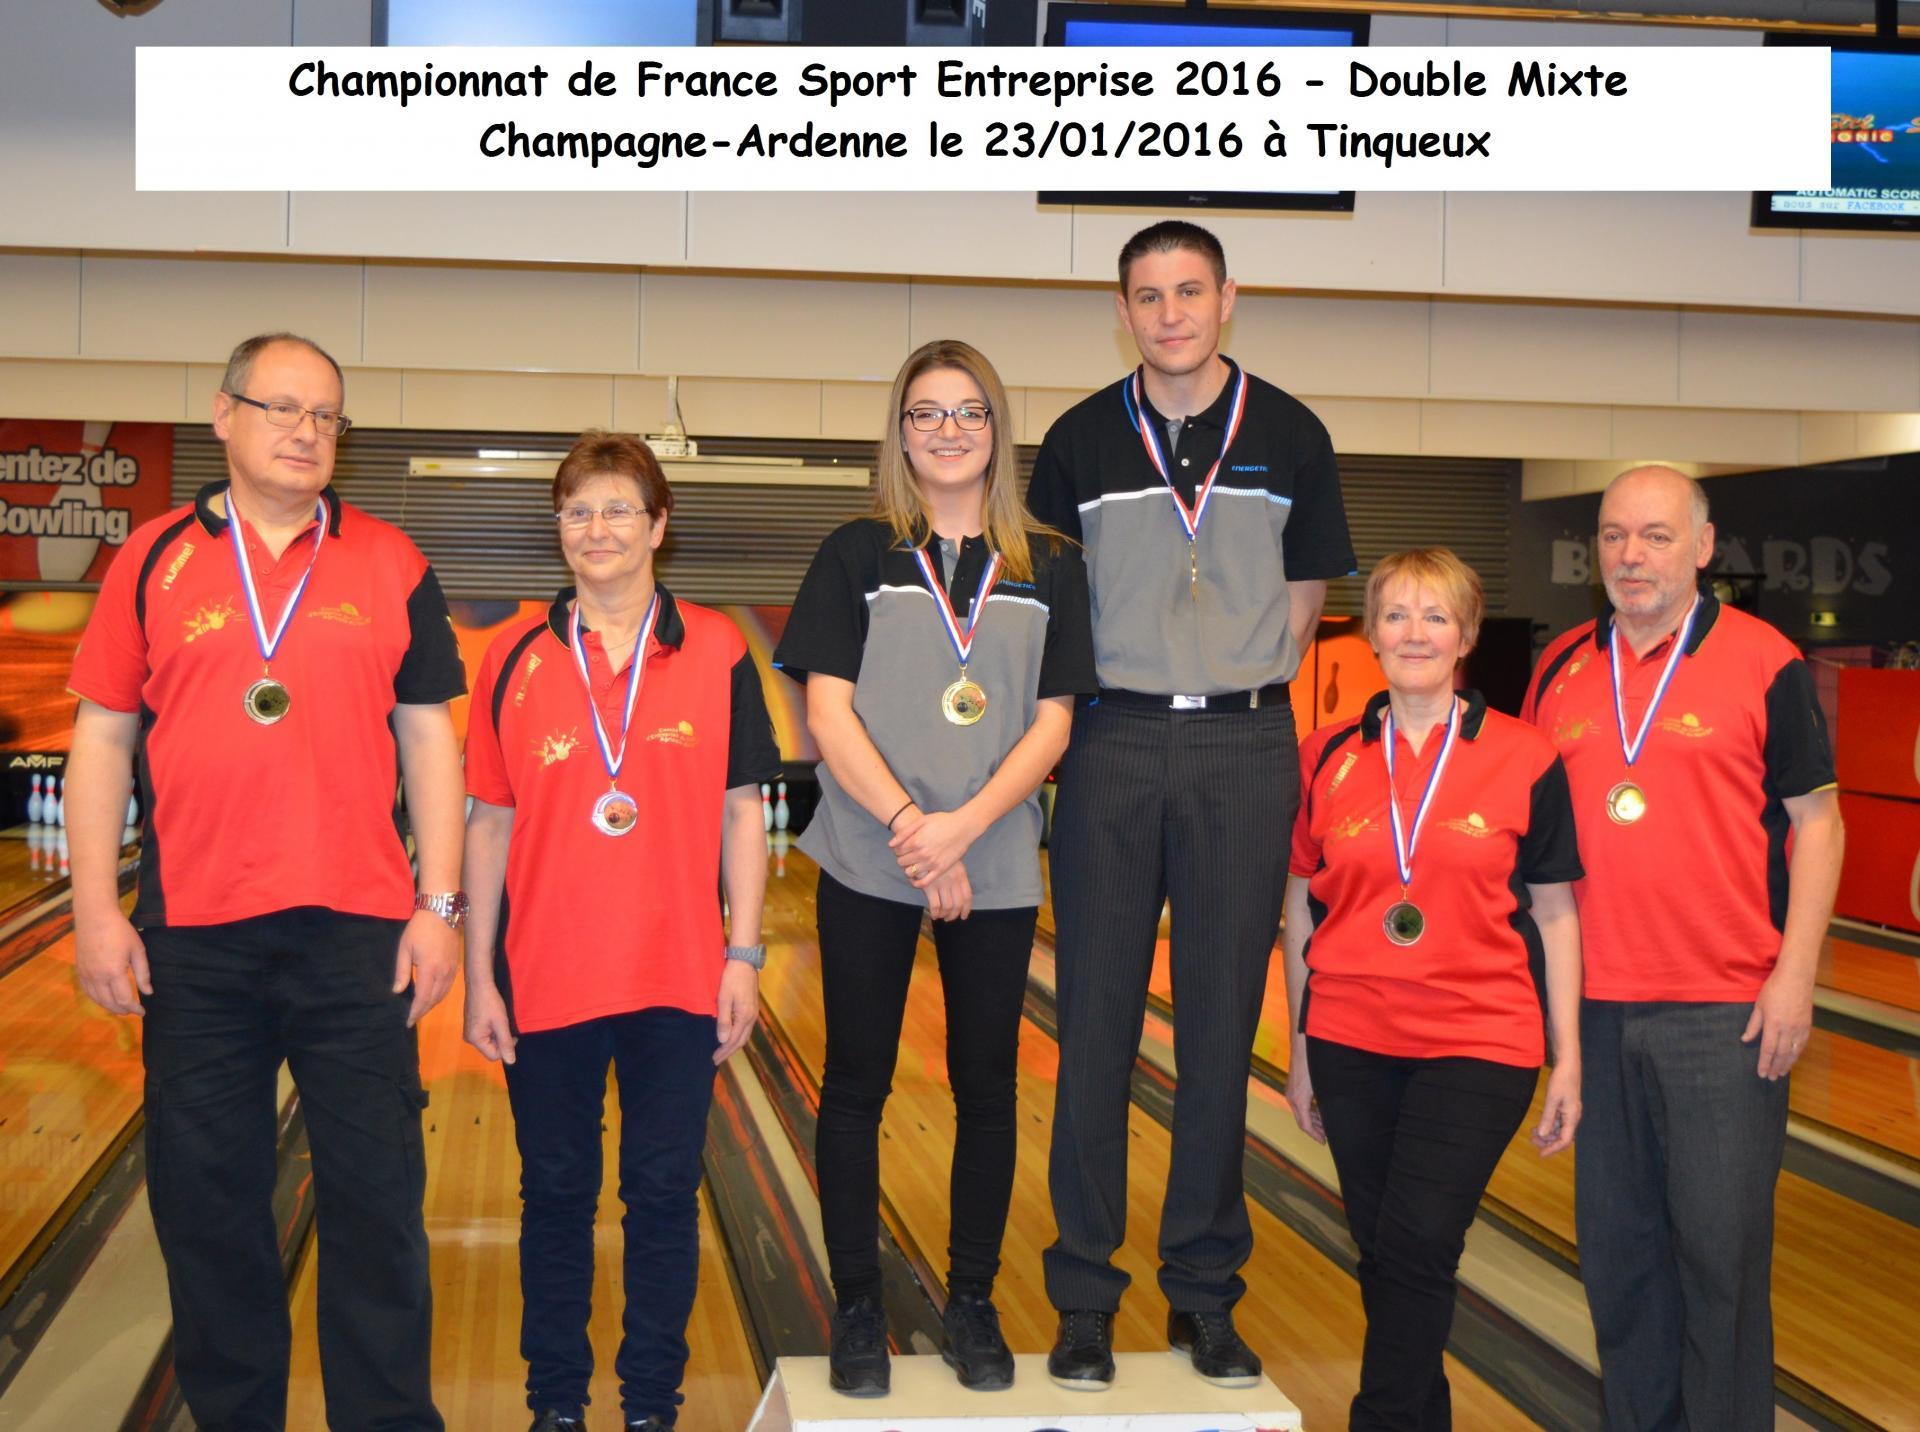 Championnat de France SE Doublette mixte 2016